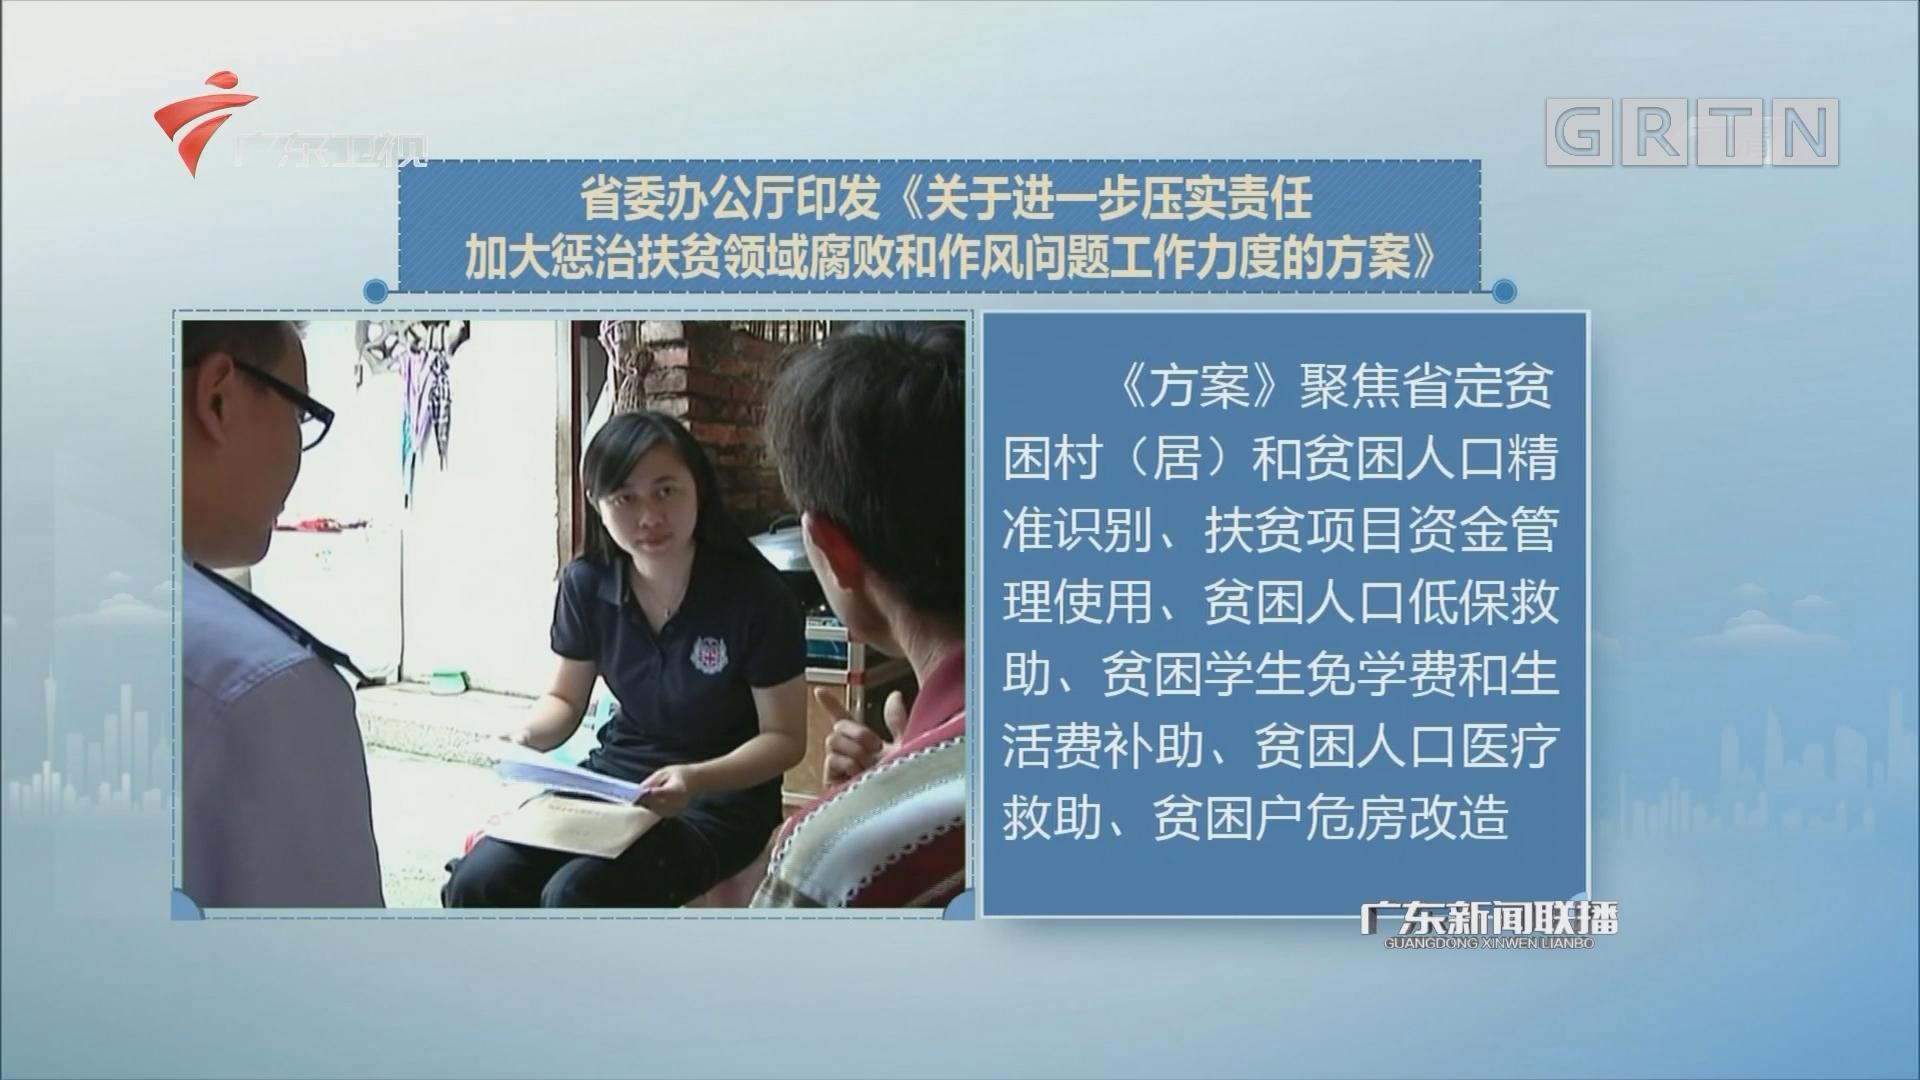 省委办公厅印发《关于进一步压实责任加大惩治扶贫领域腐败和作风问题工作力度的方案》